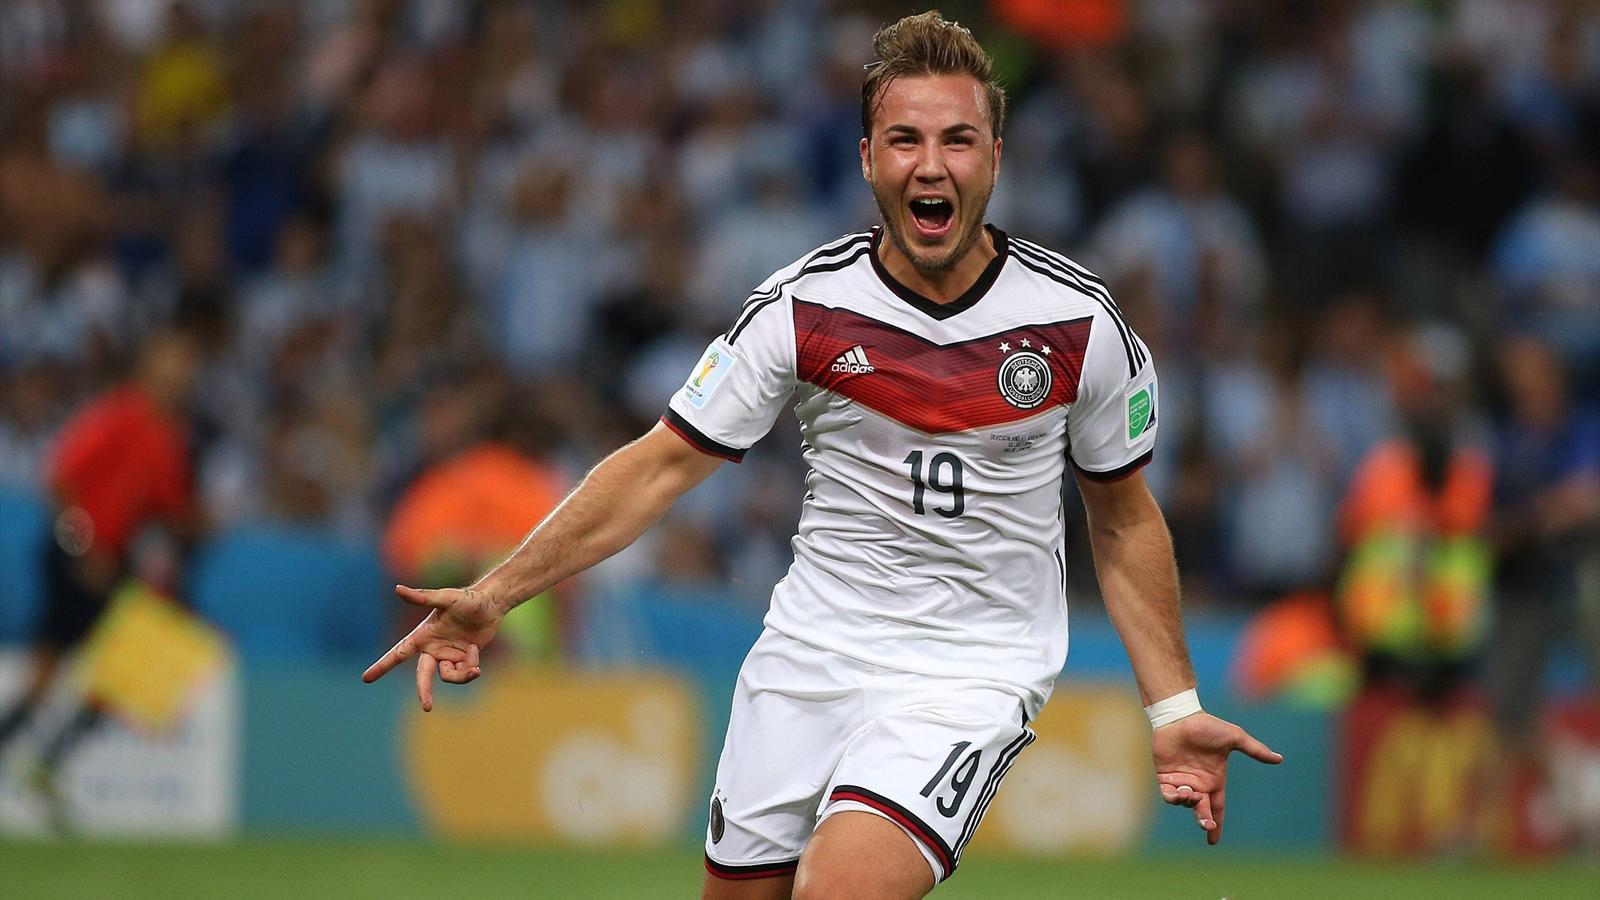 Finale Coupe du monde 2014 - Comment Joachim Low a motivé Mario Götze